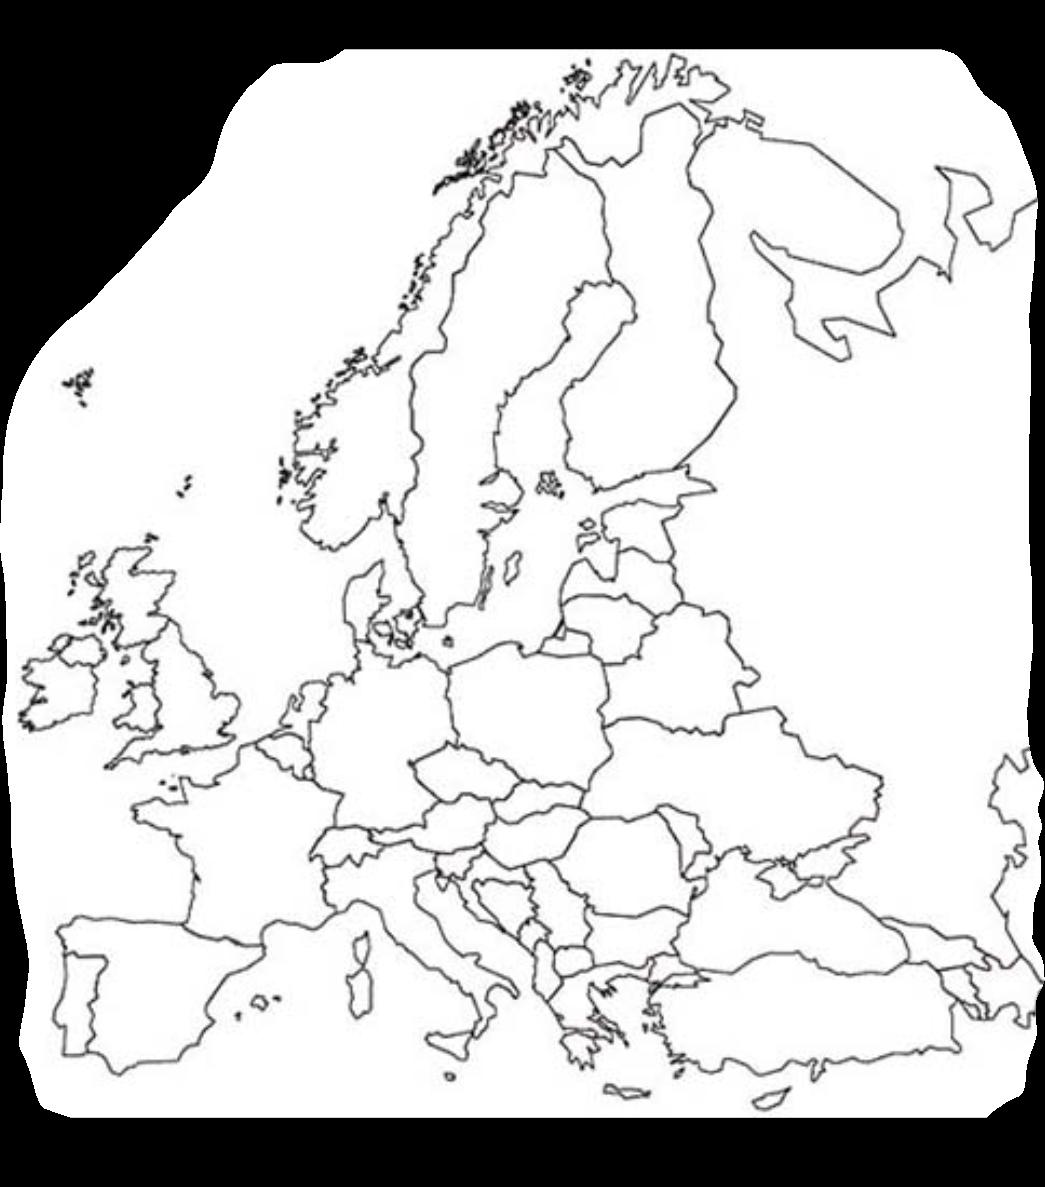 europakarte leer Europakarte Leer   Die Länder Europas   Europakarte Leer Zum Lernen europakarte leer